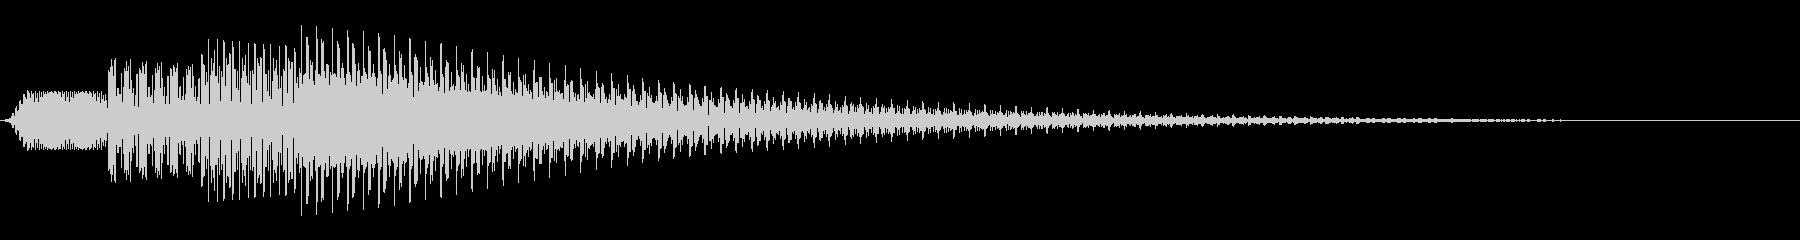 シンプルな通知音_03の未再生の波形